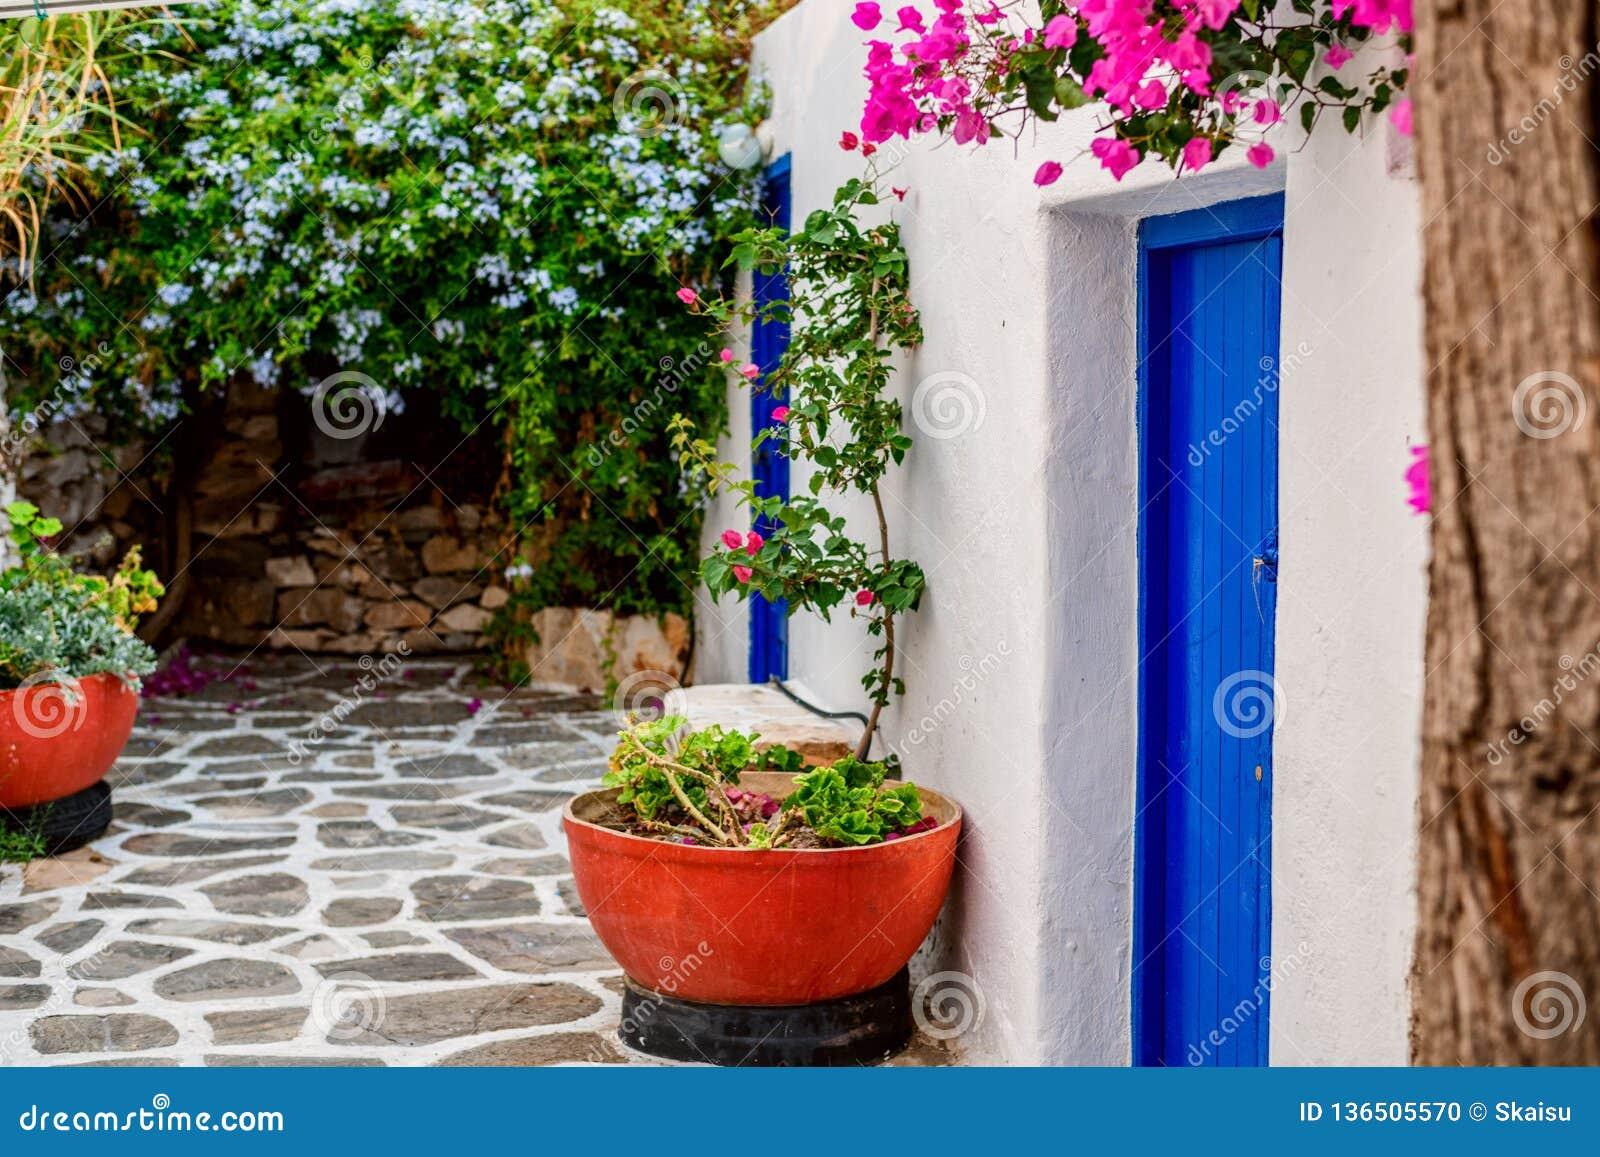 Tradycyjna Cyclades architektura na wyspie Paros, Naoussa wioska Grecja